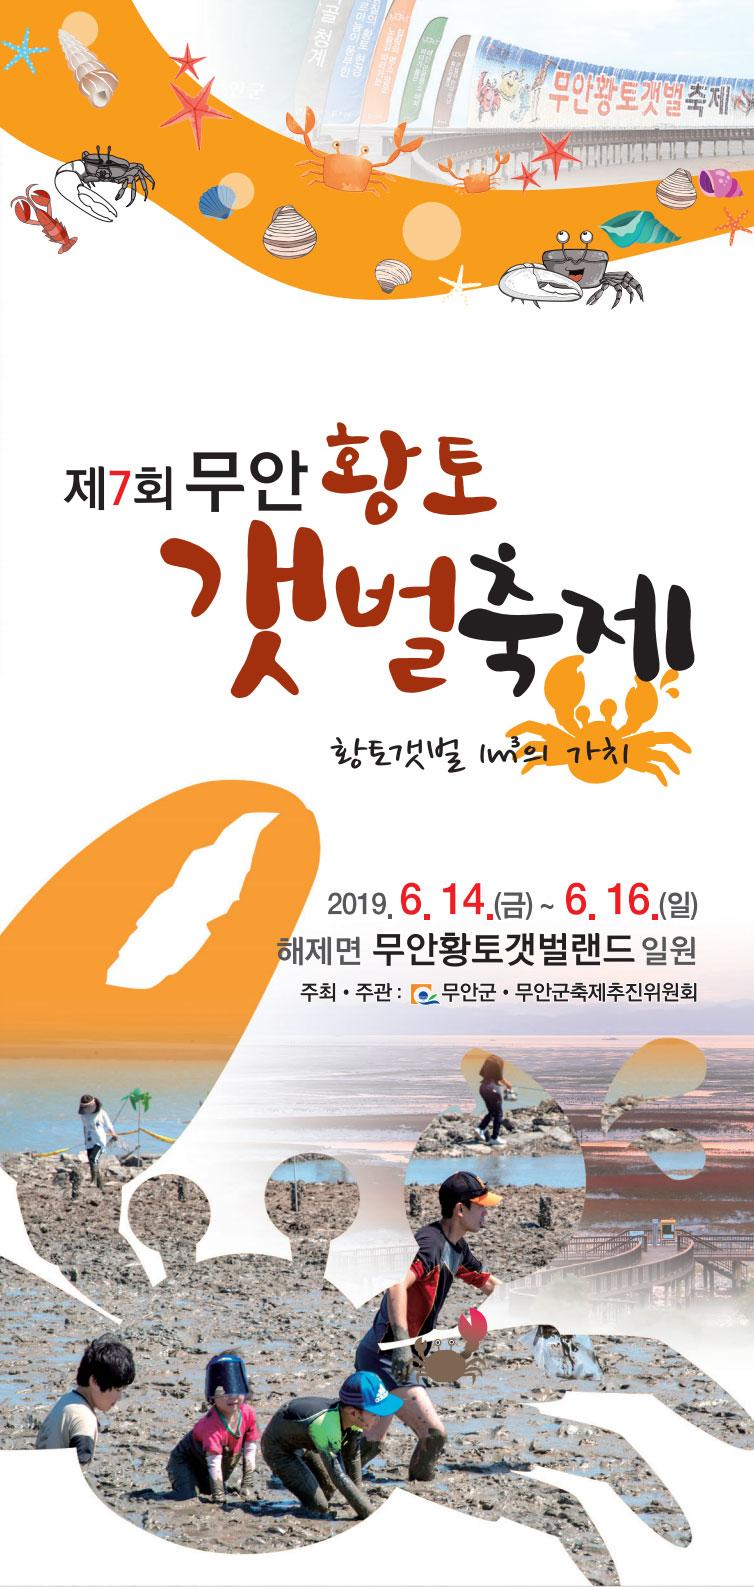 황토갯벌 1㎥의 가치, '제7회 2019 무안황토갯벌축제' 6월14일 개최